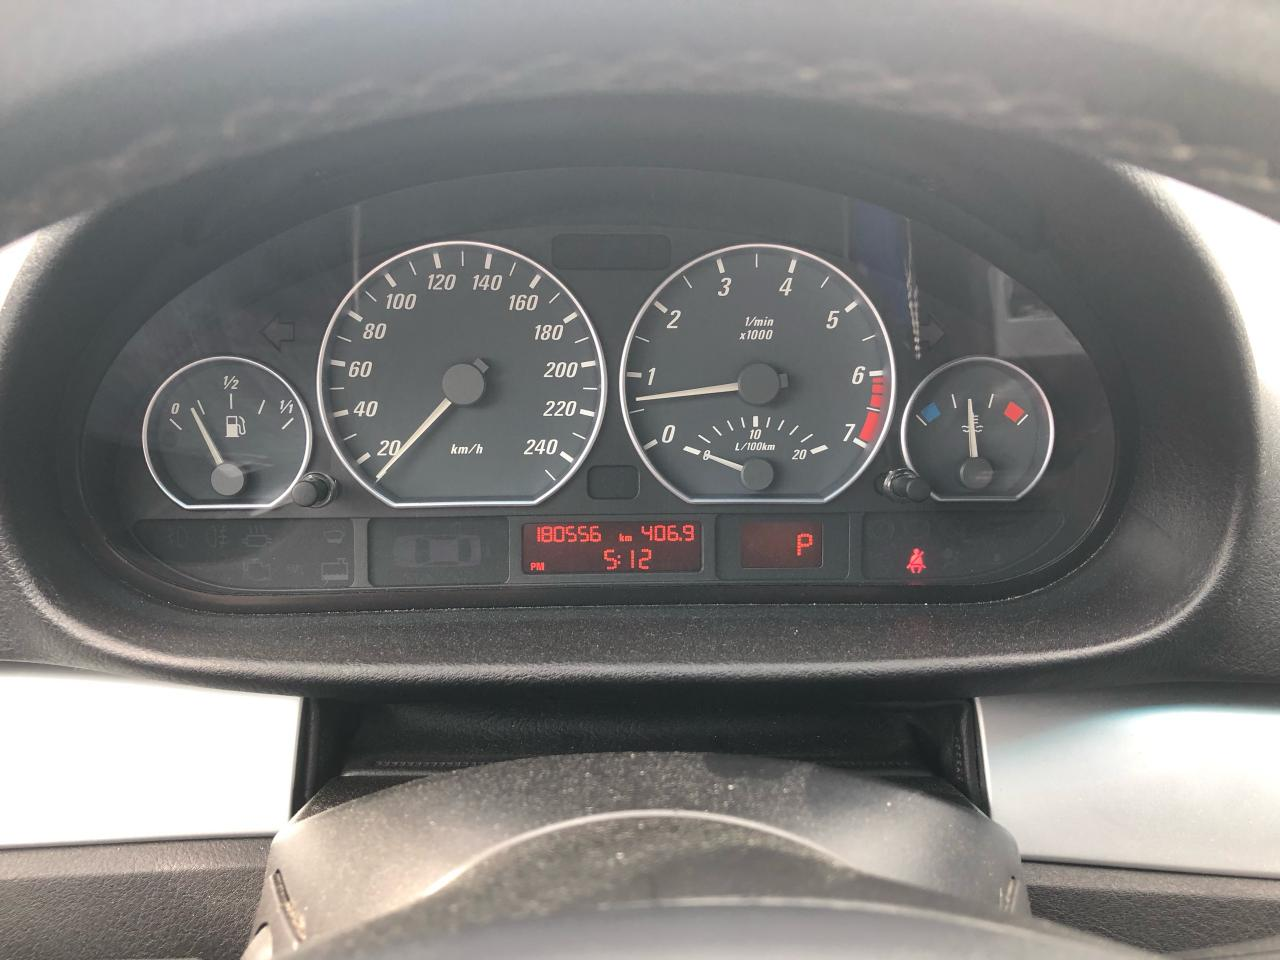 2001 BMW 3 Series | Callan Motors